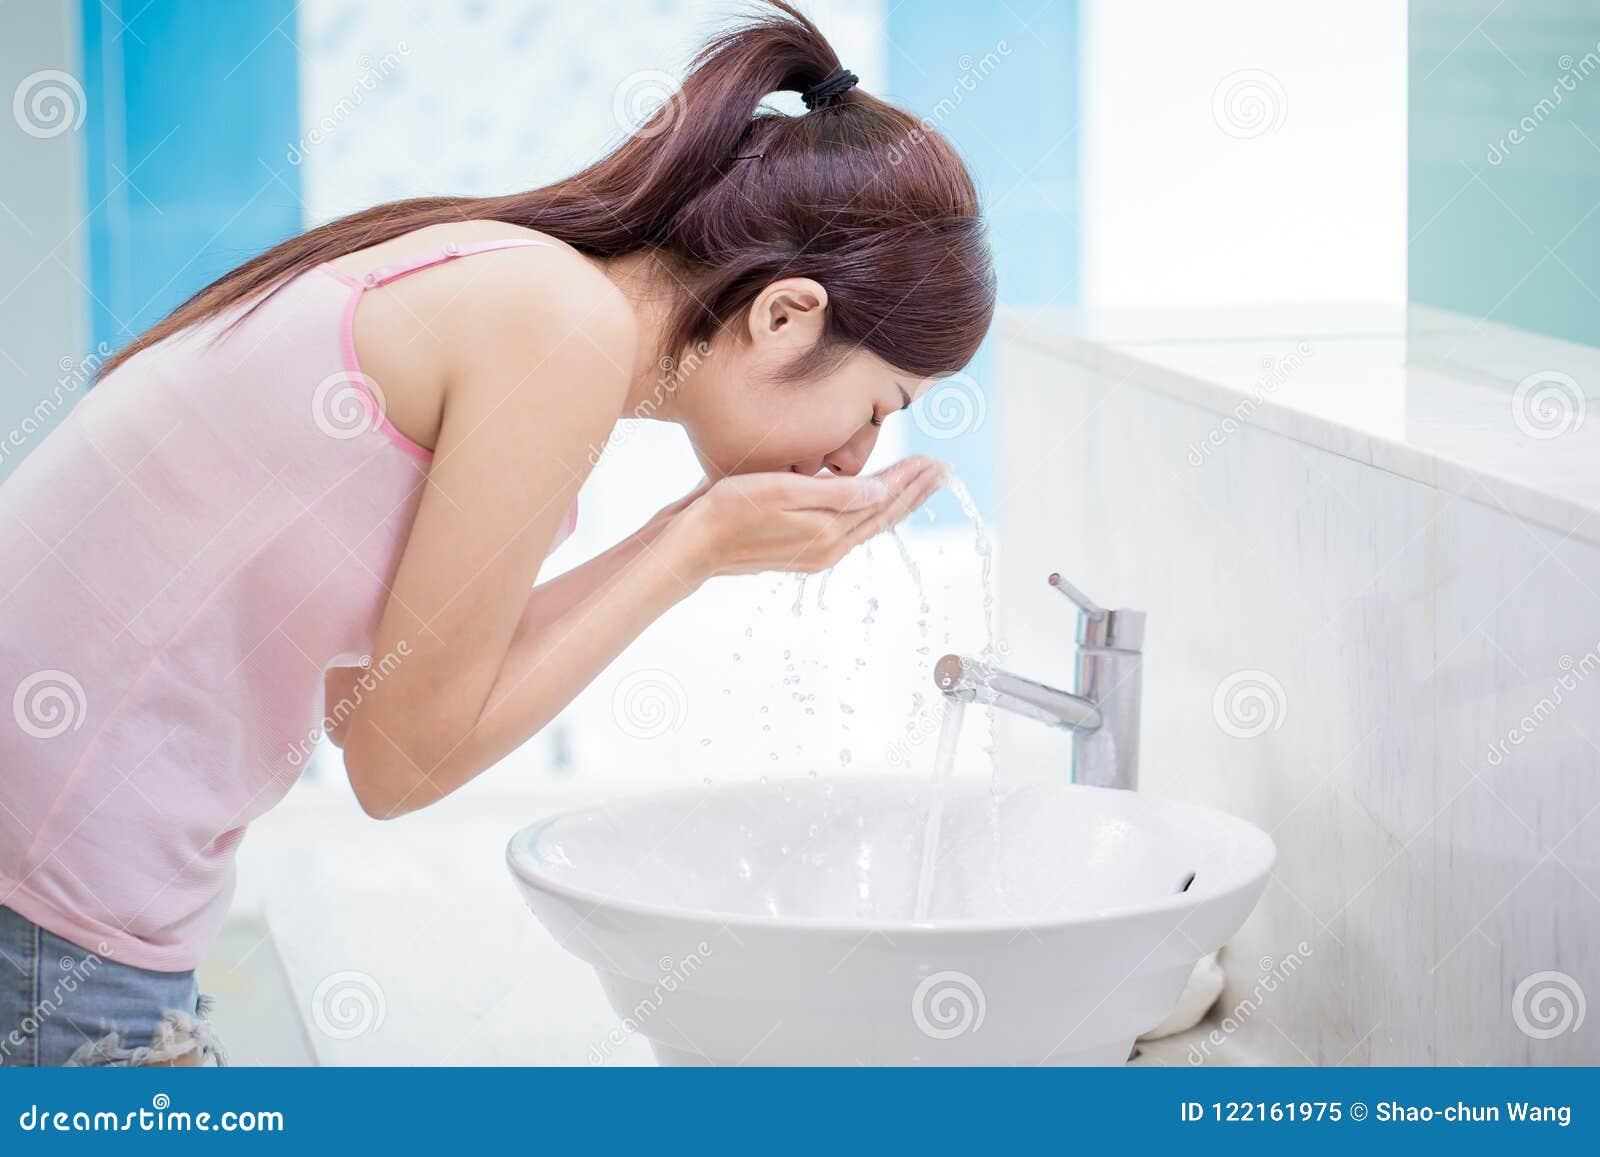 Πλύσιμο γυναικών το πρόσωπό της